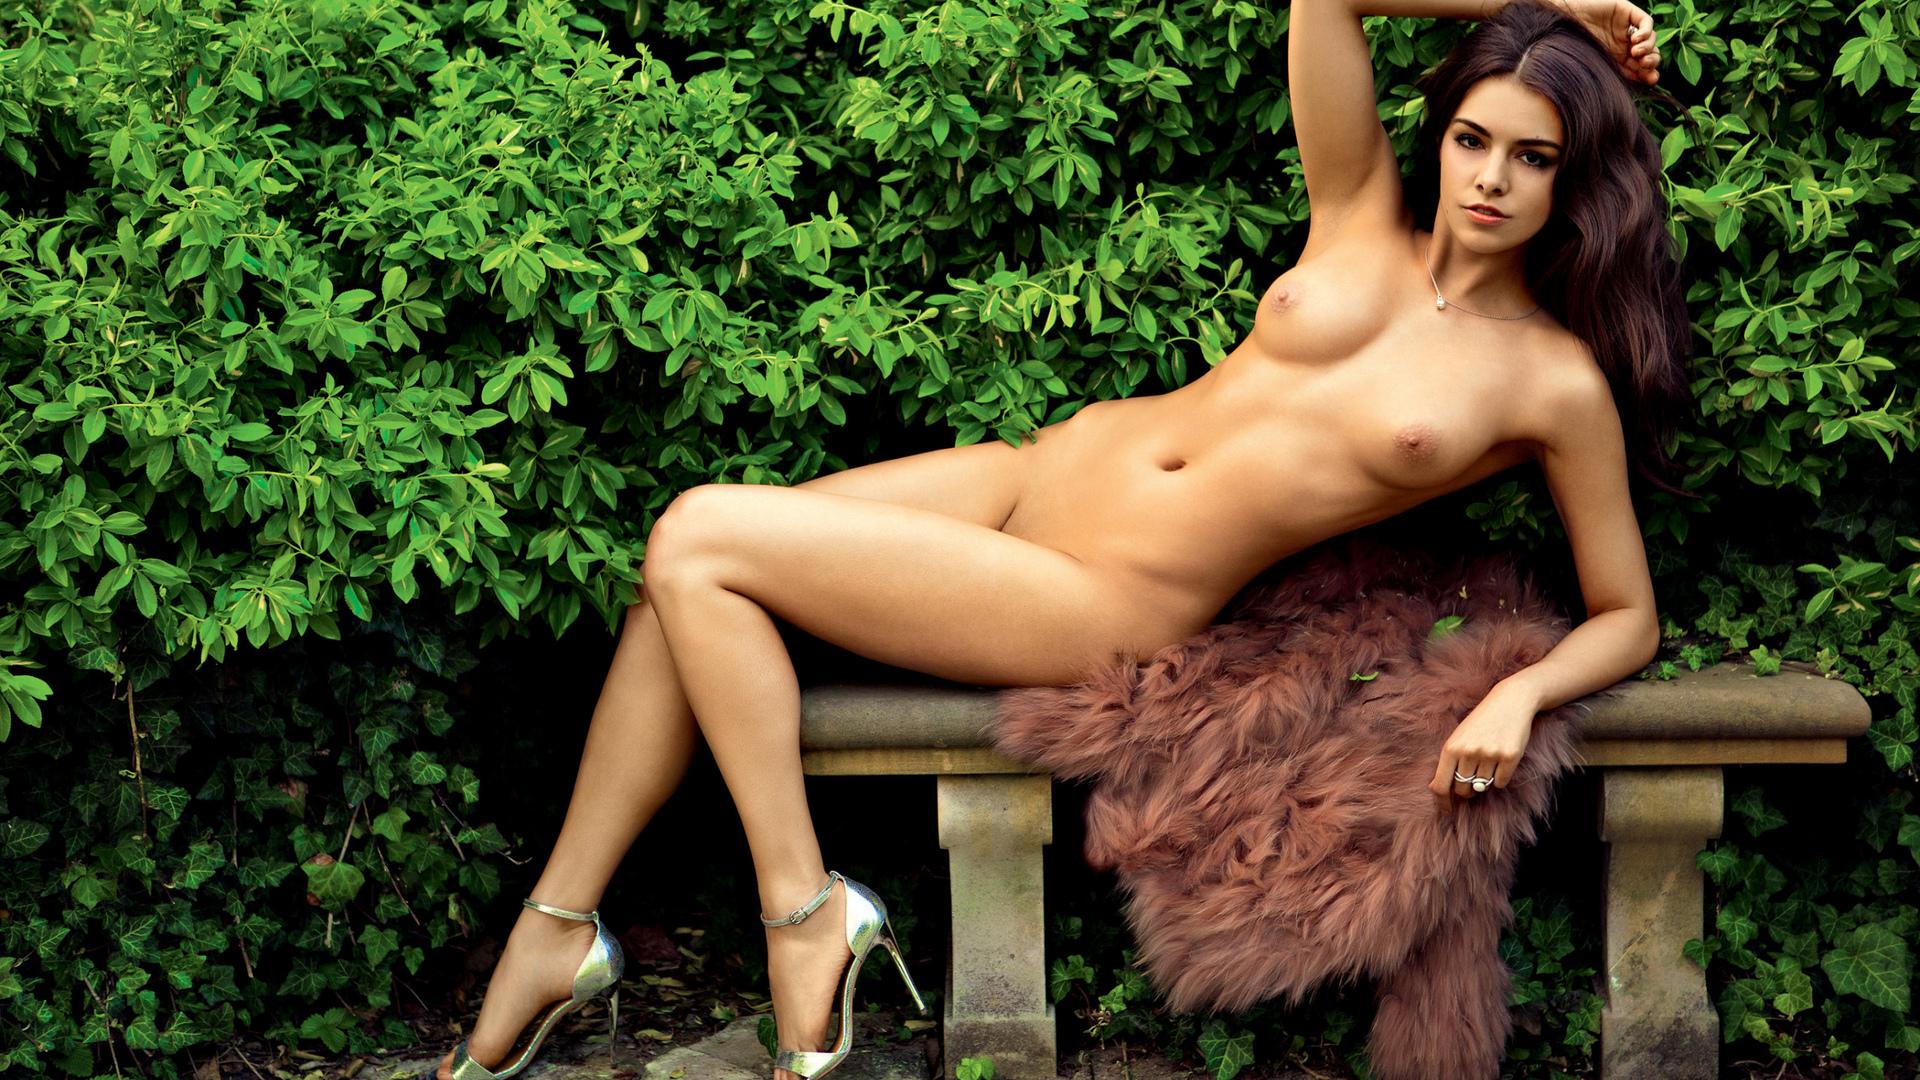 девушка, красивая, поза, взгляд, попа, сиськи, грудь, киска